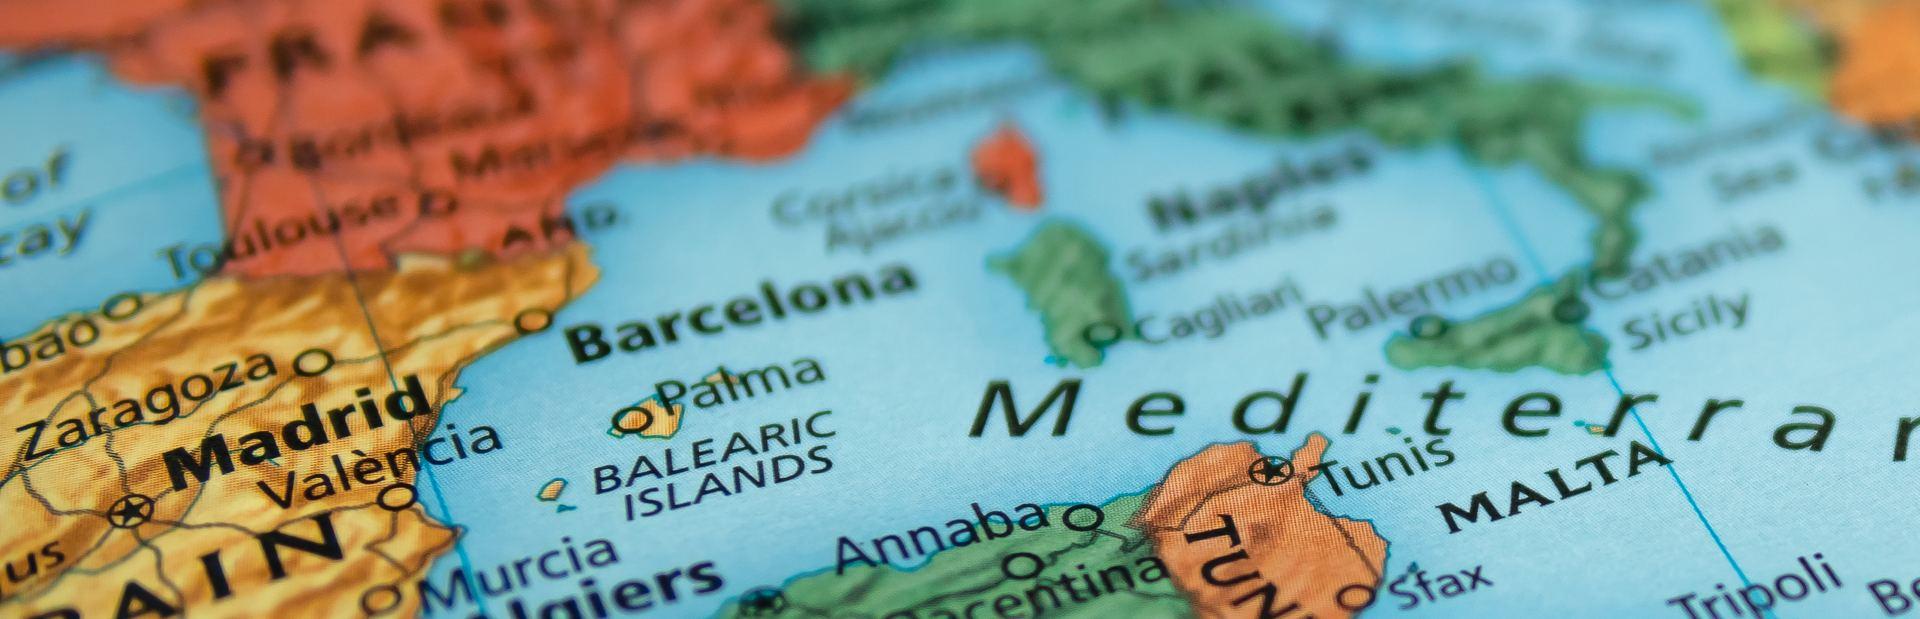 West Mediterranean interactive map